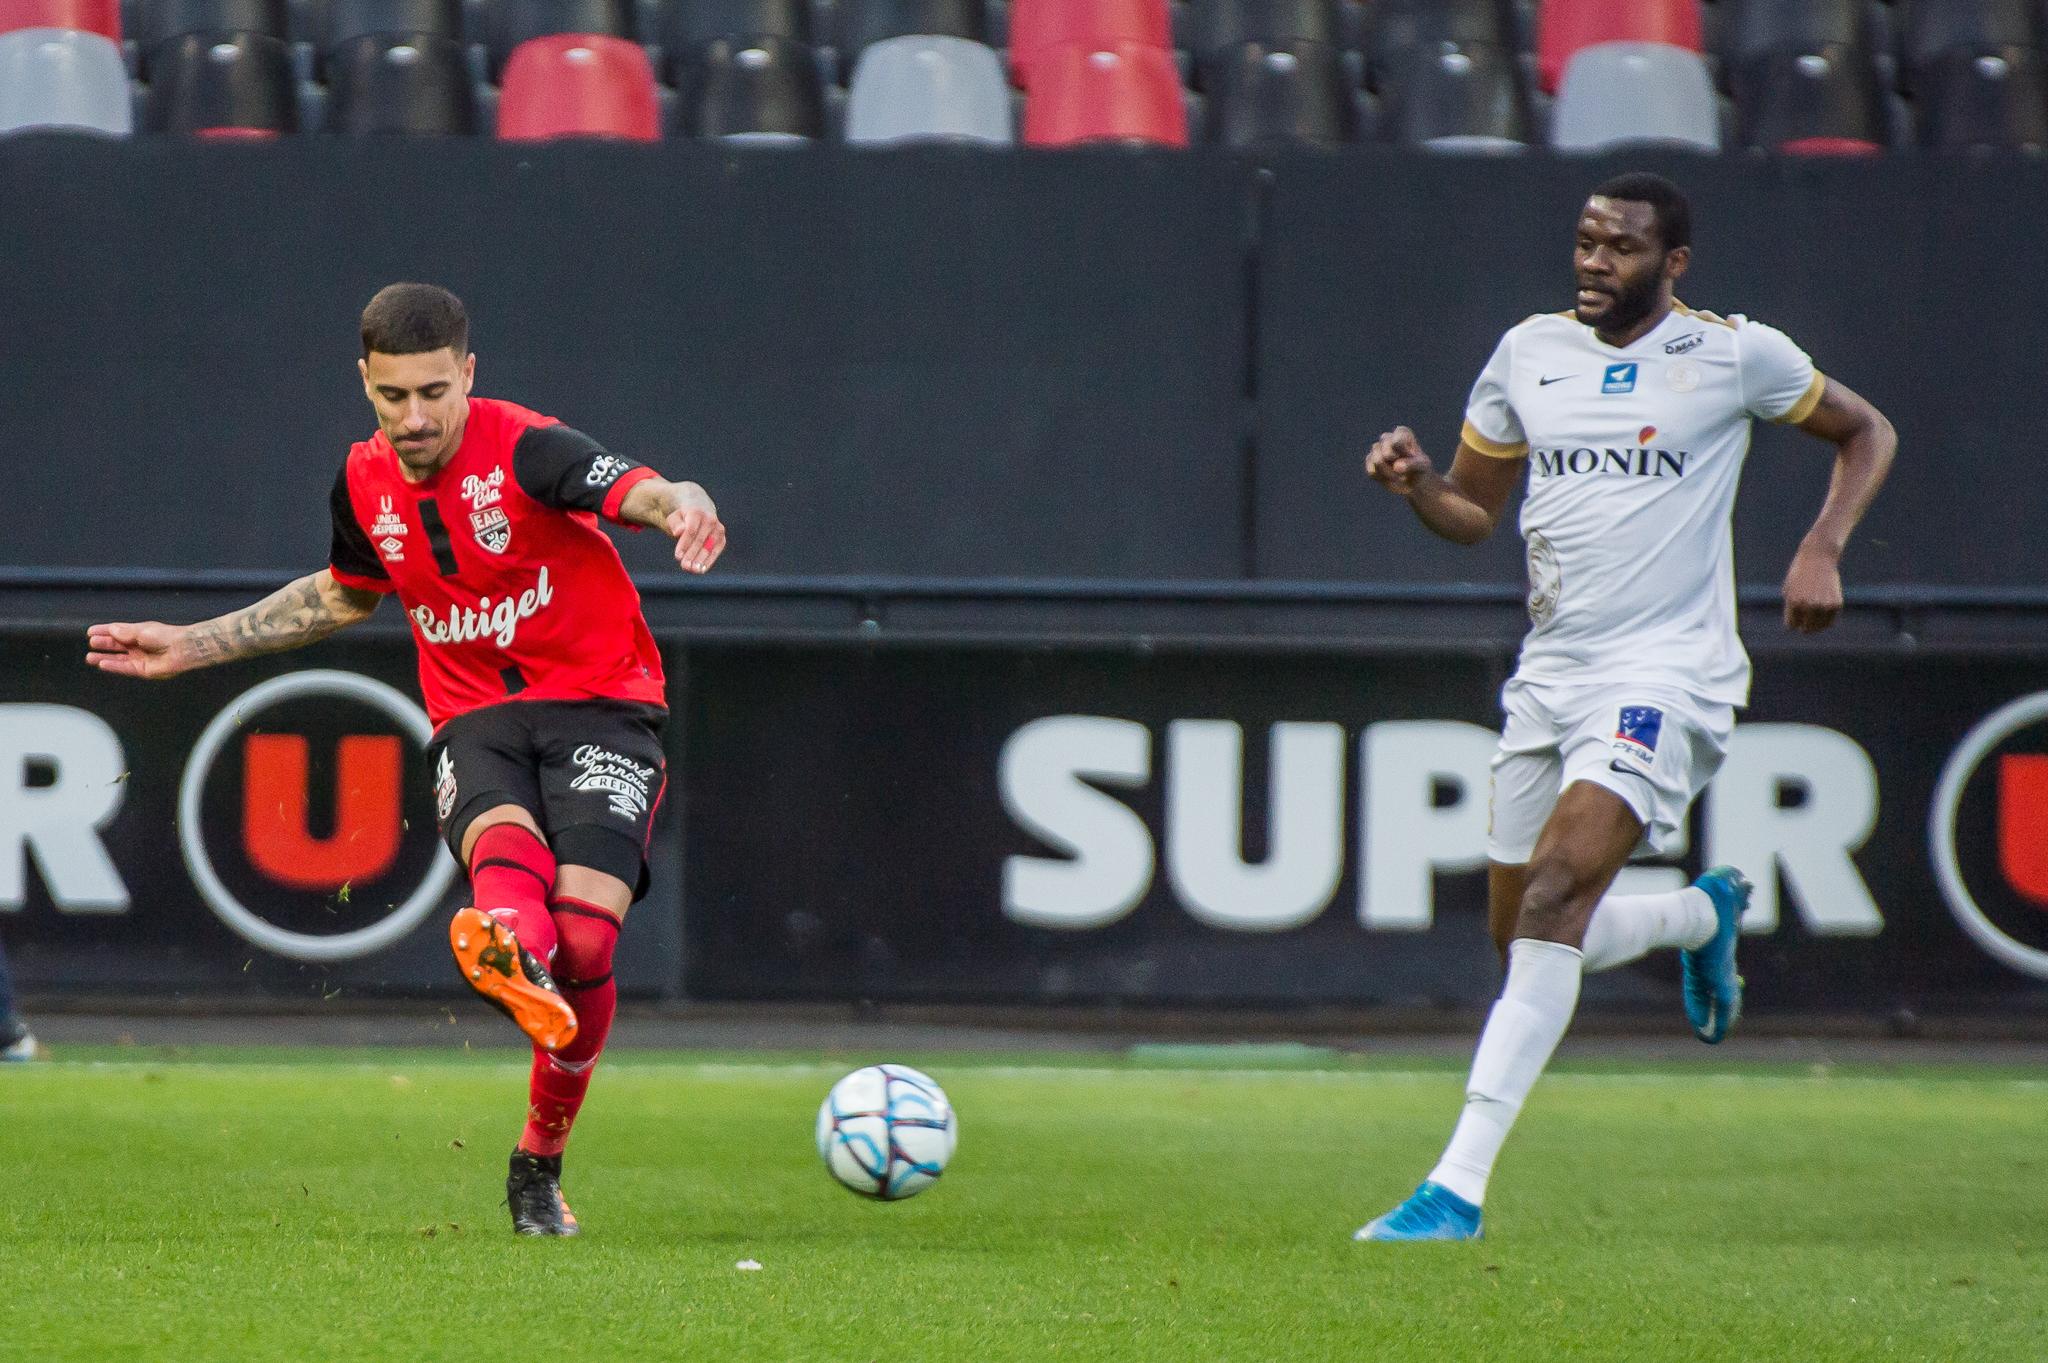 EA Guingamp La Berrichonne Châteauroux J37 Ligue 2 BKT EAGLBC 2-0 Stade de Roudourou FRA_5691